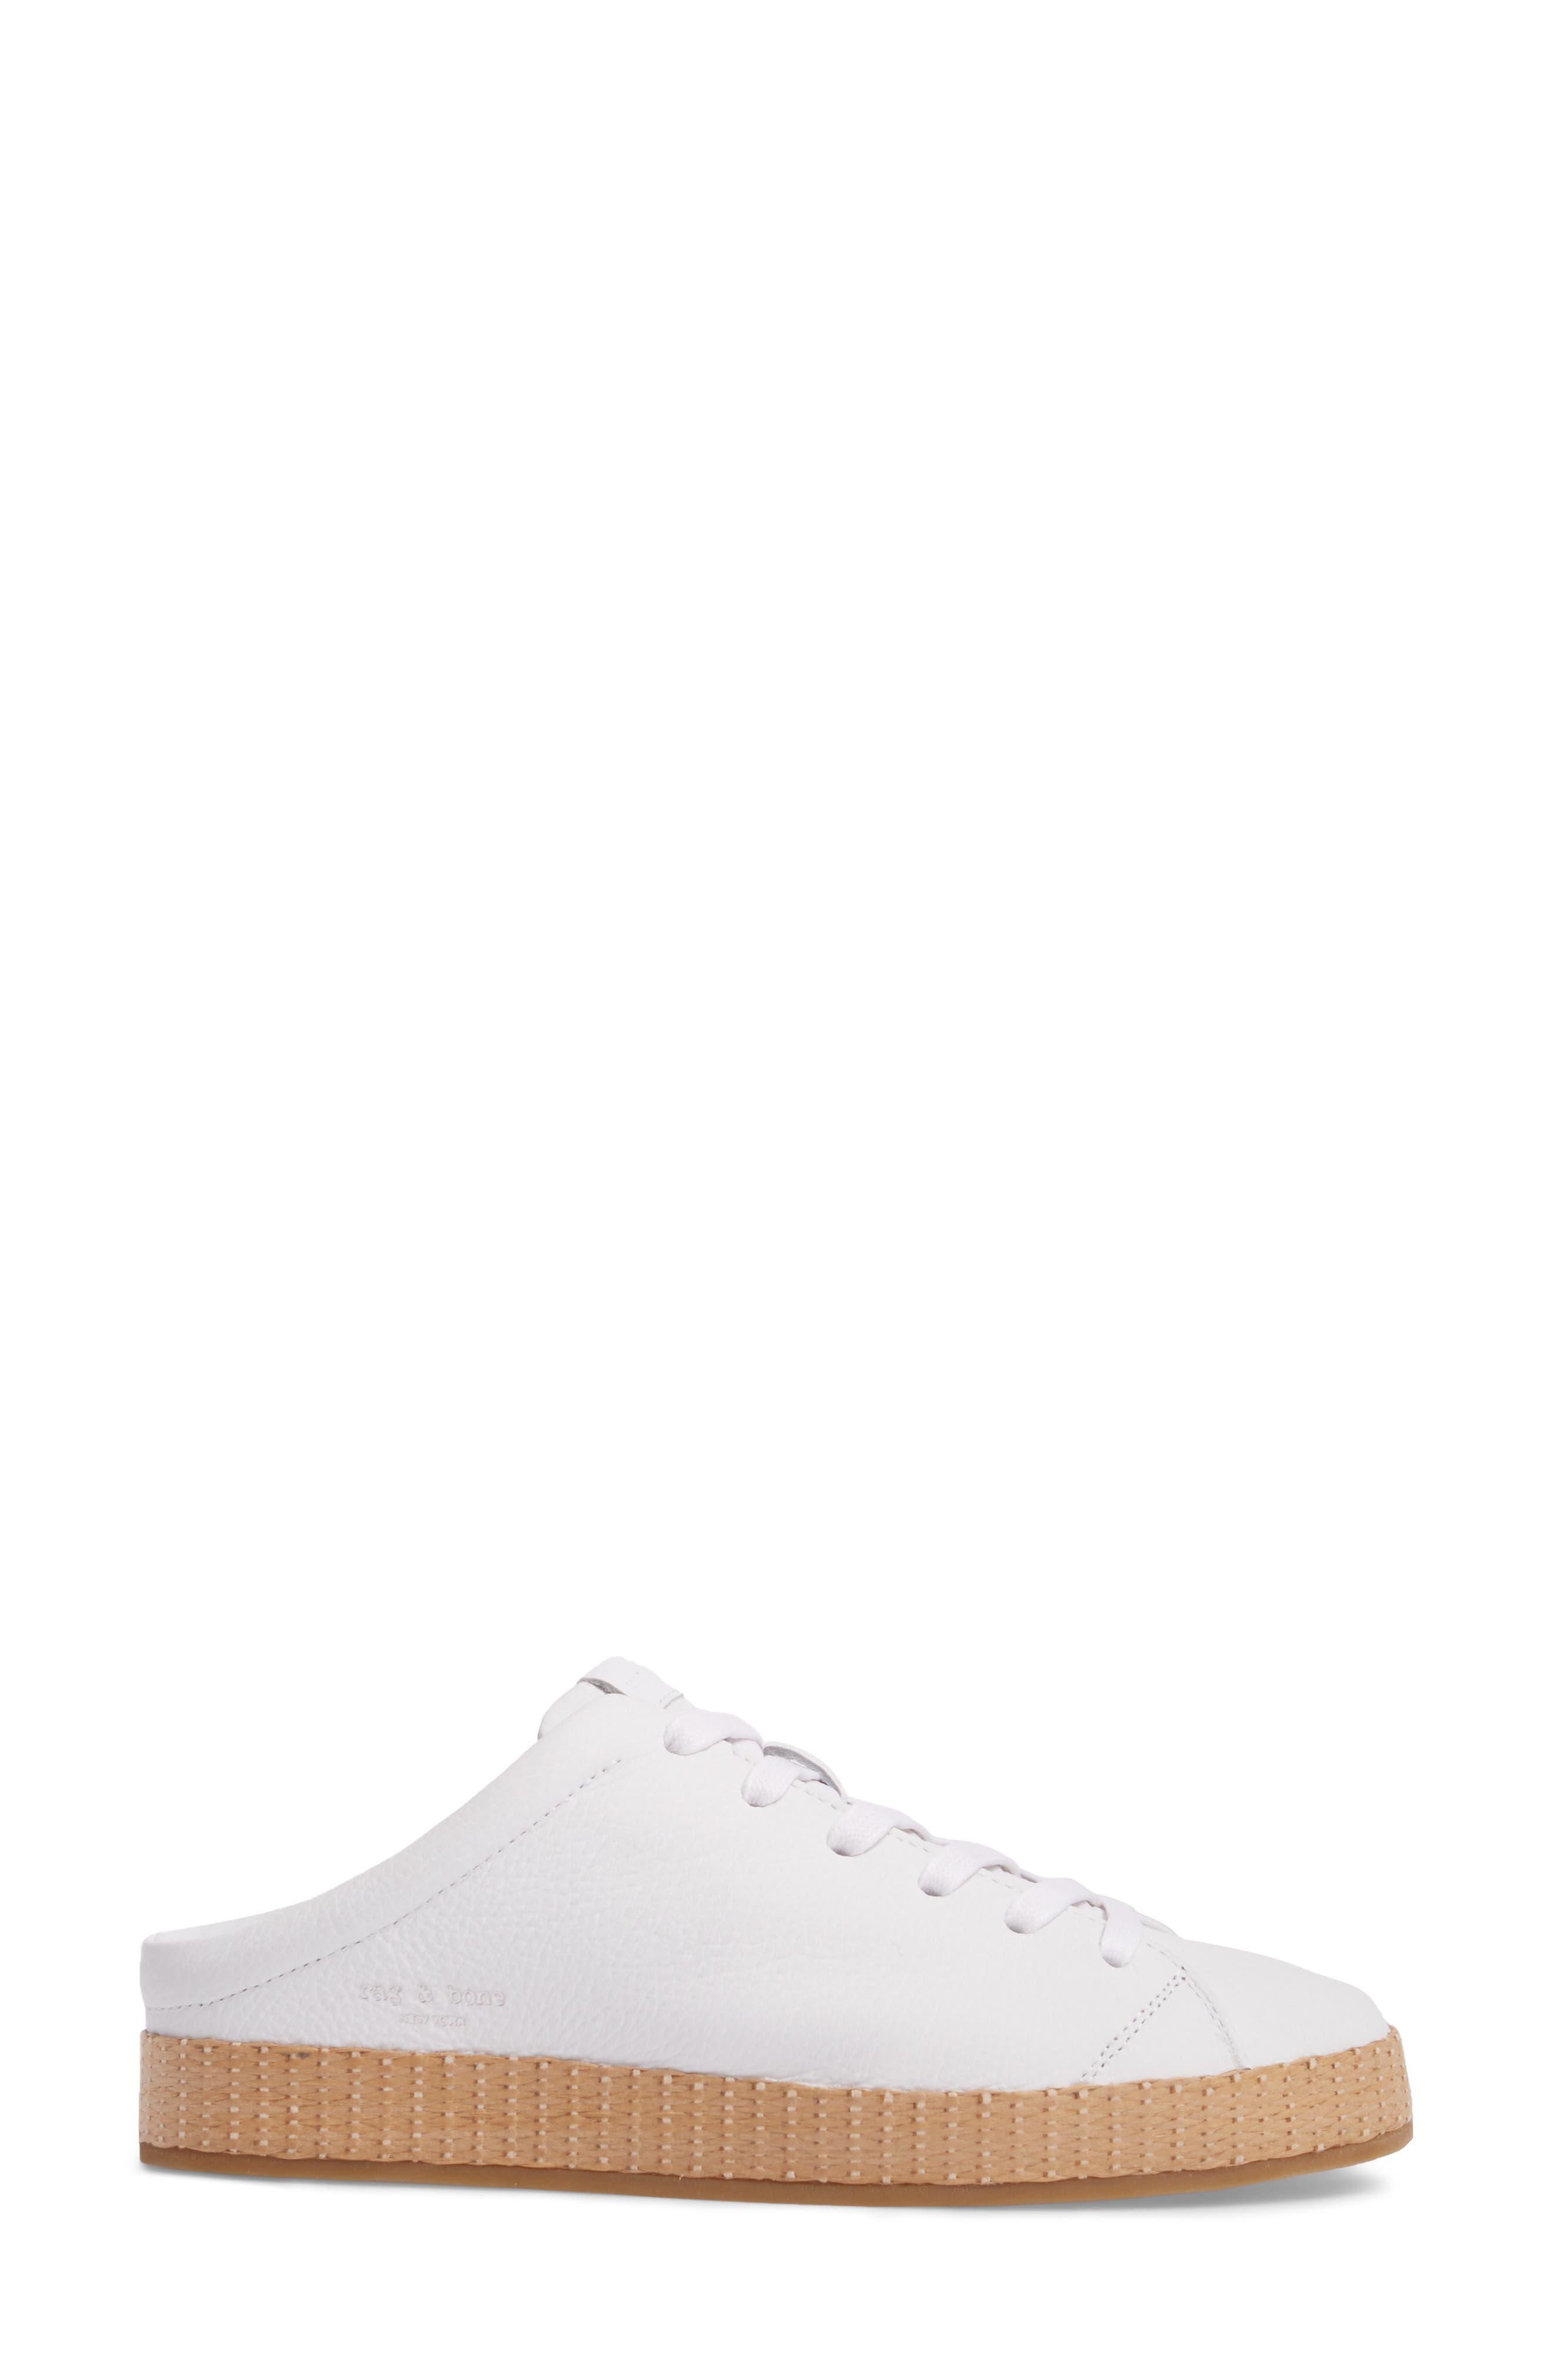 RB1 Slip-On Sneaker,                             Alternate thumbnail 9, color,